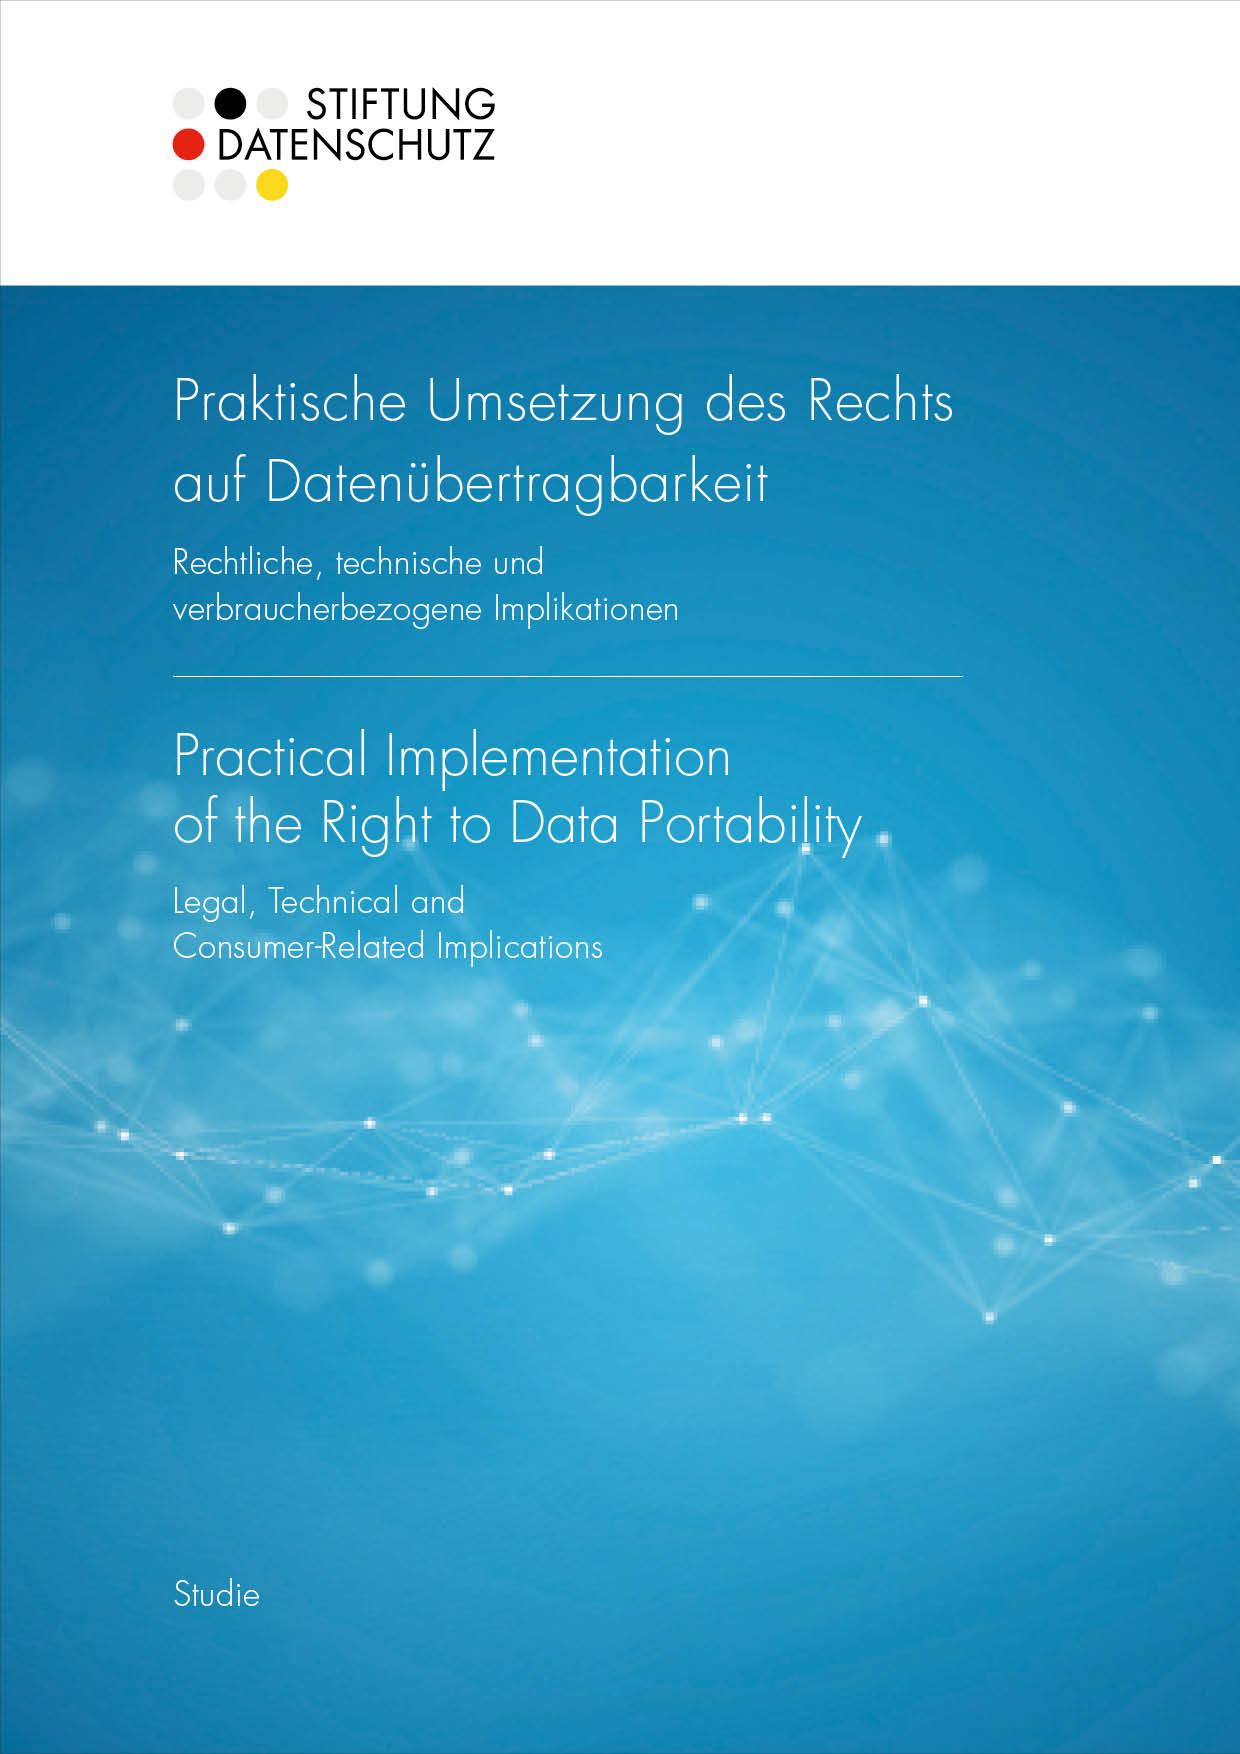 stiftungdatenschutz_abschlussbericht_Cover-mit-Rahmen.jpg